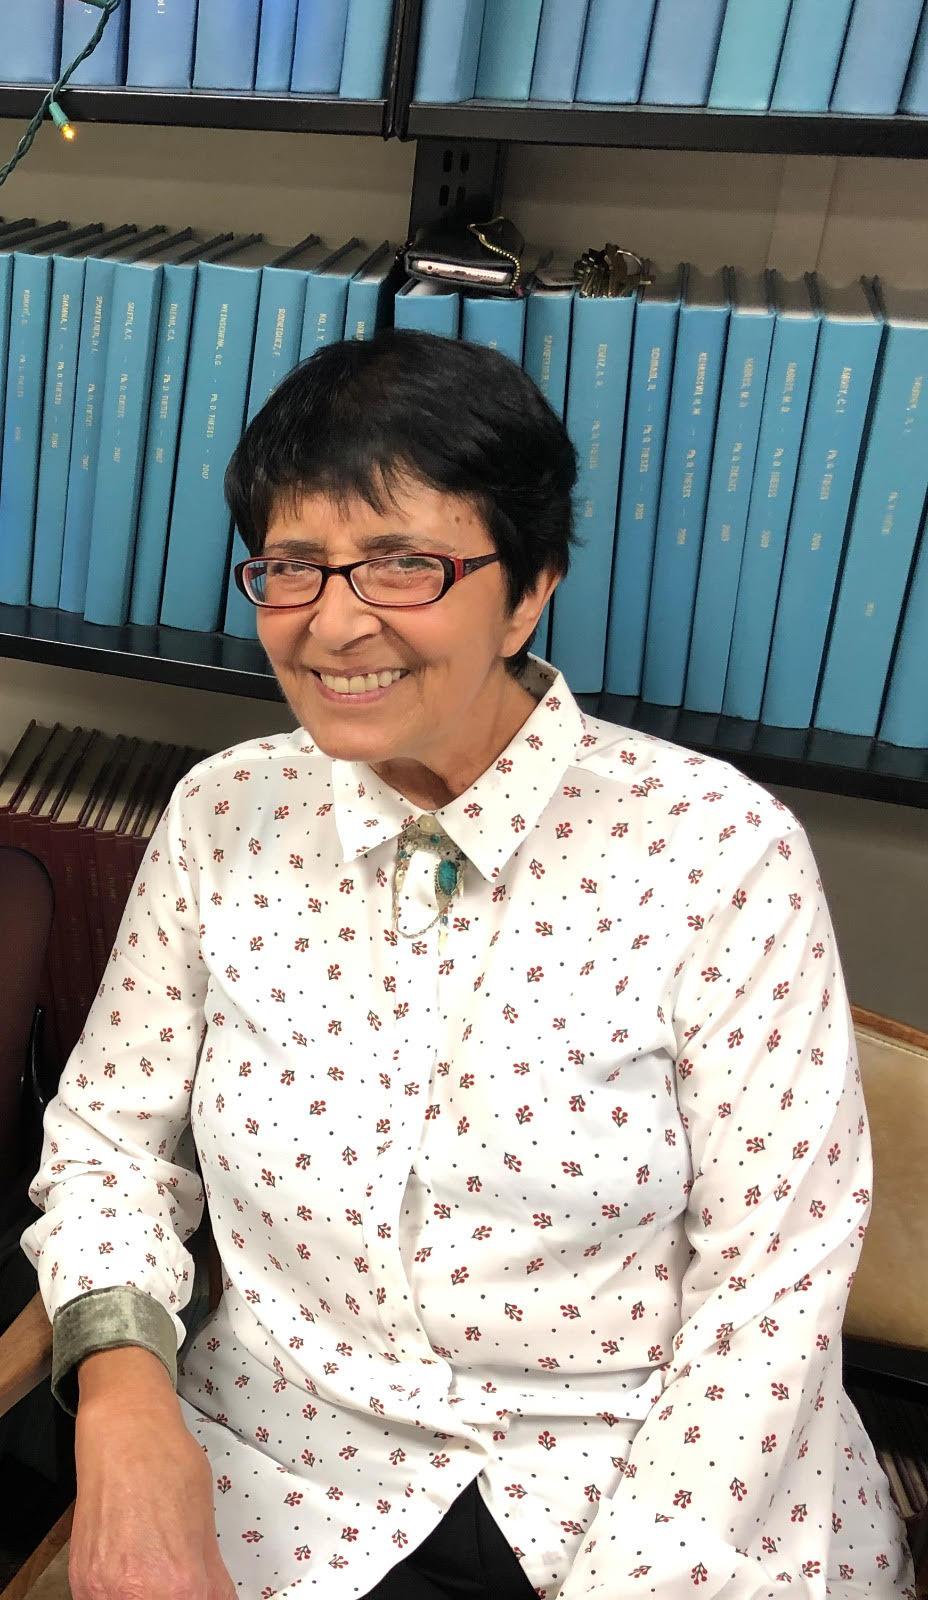 Professor of Comparative Literature María Lugones